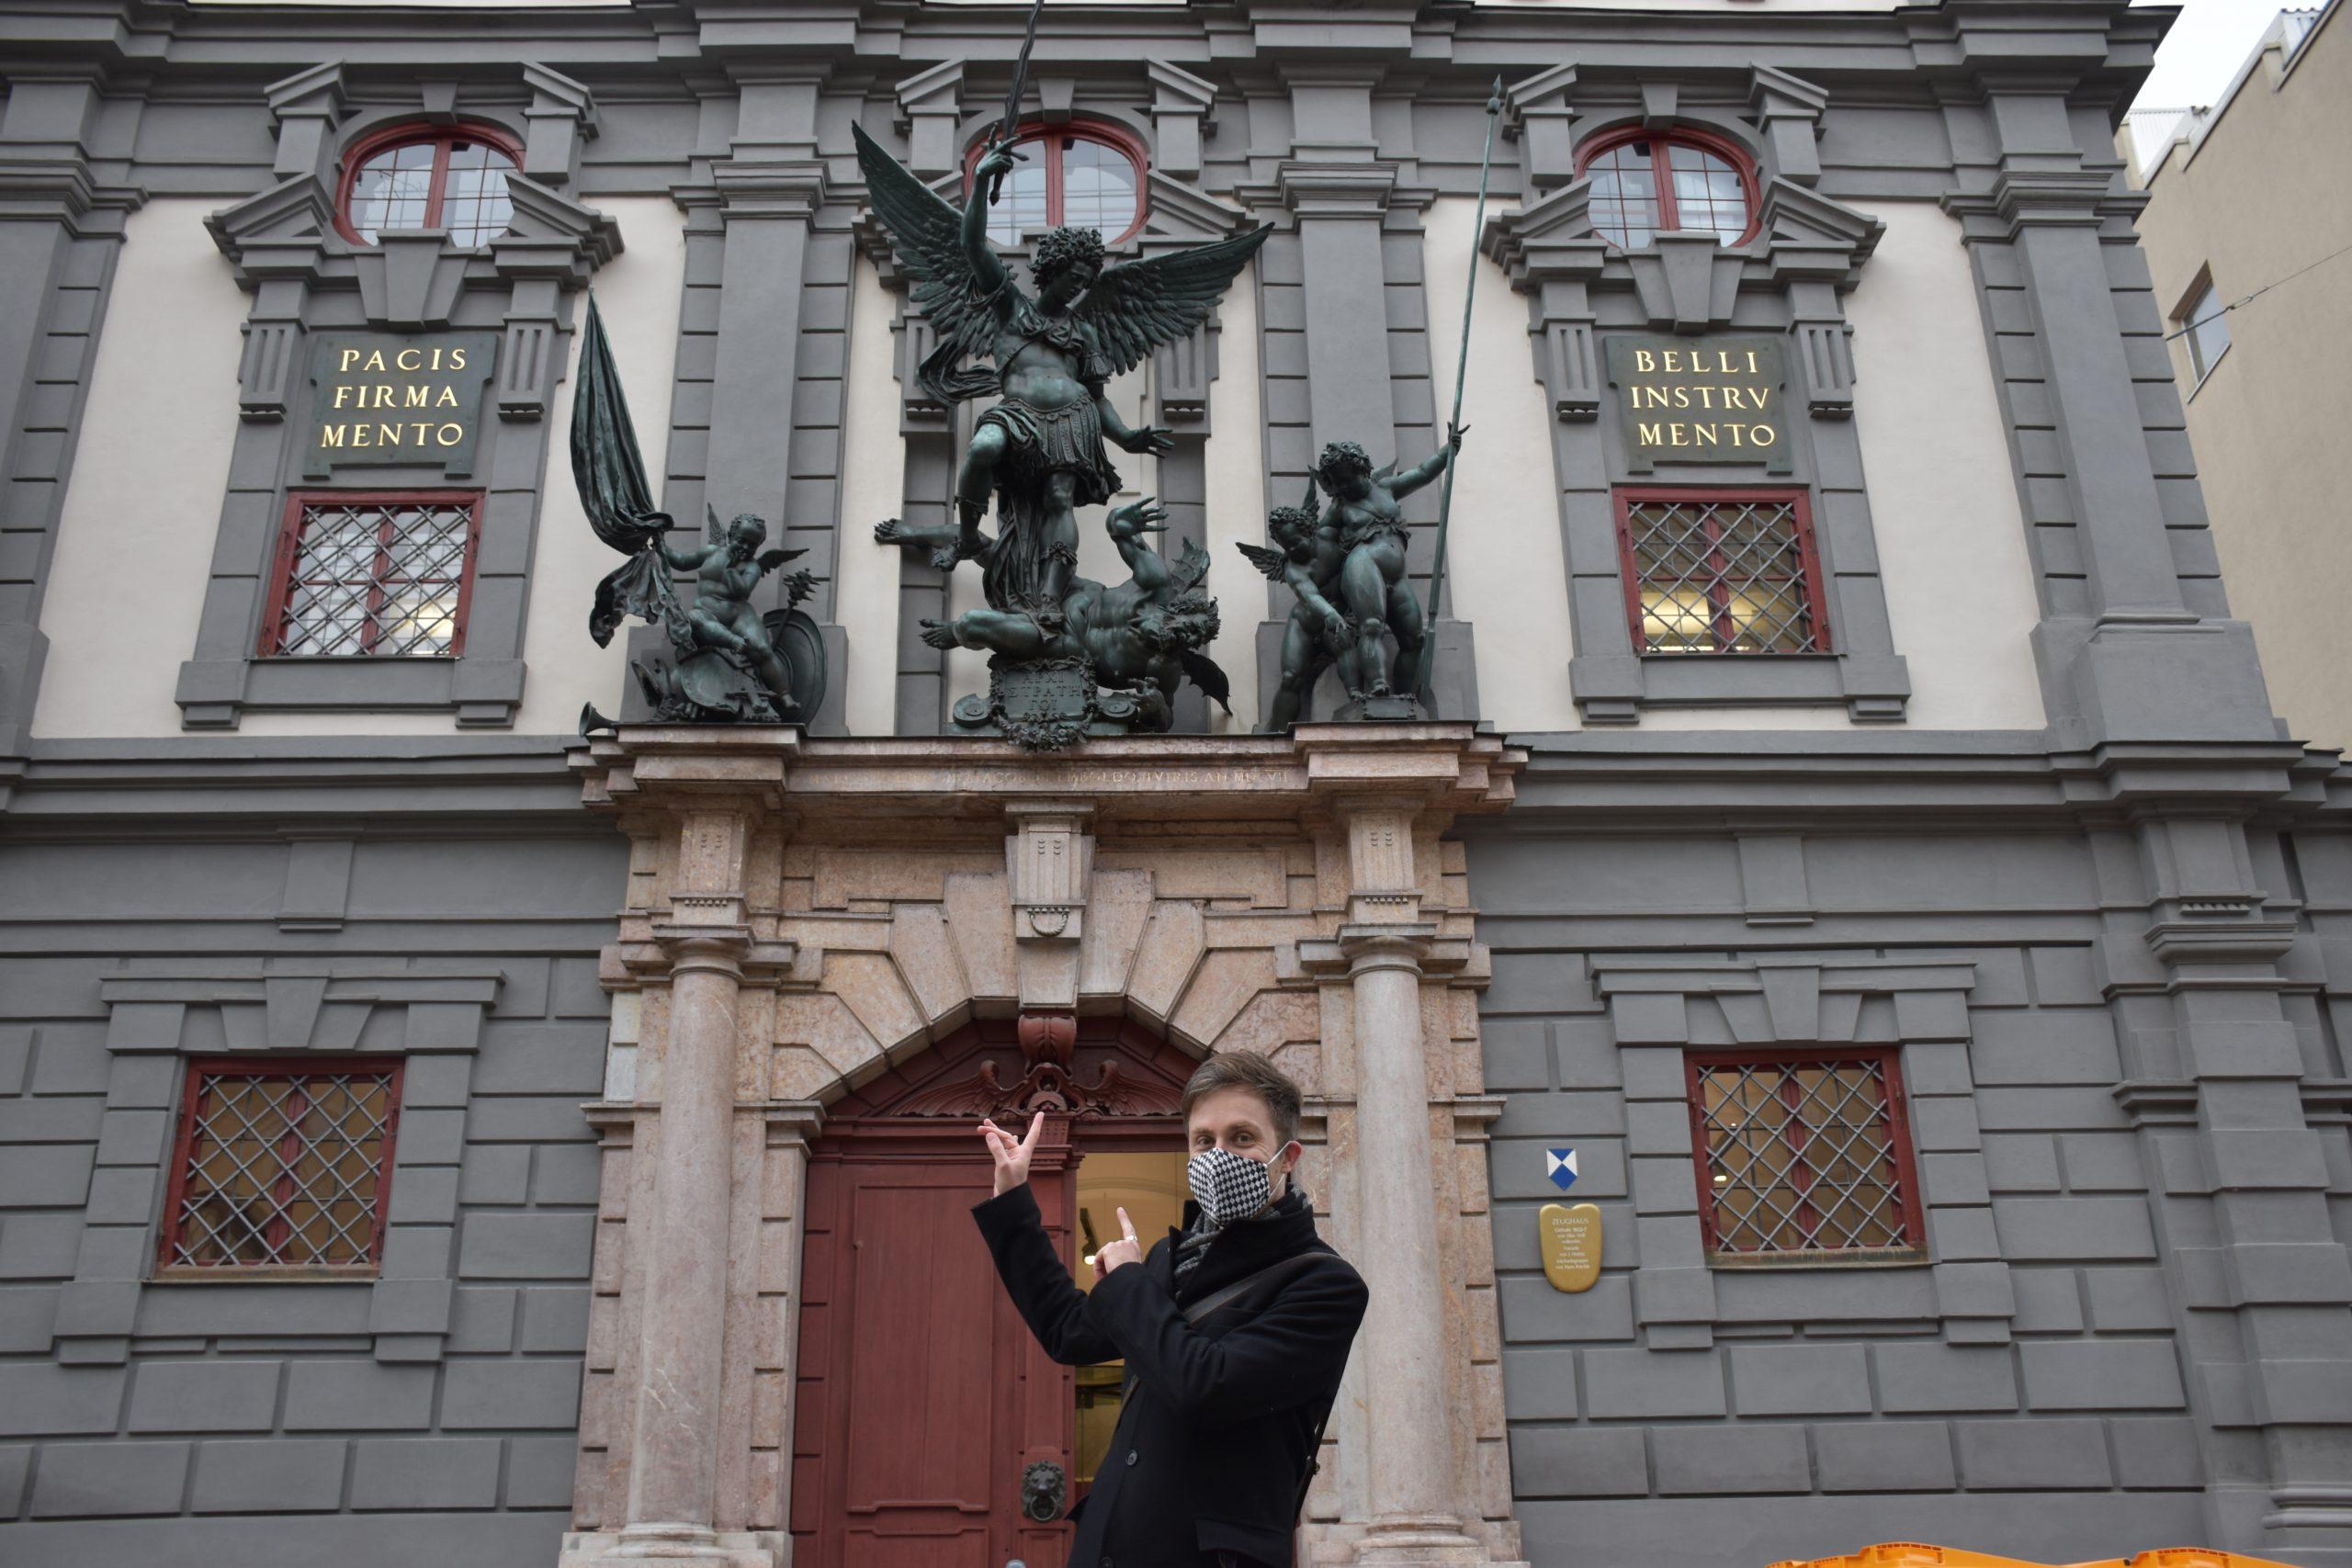 Stadtführung Die Fugger und Medici